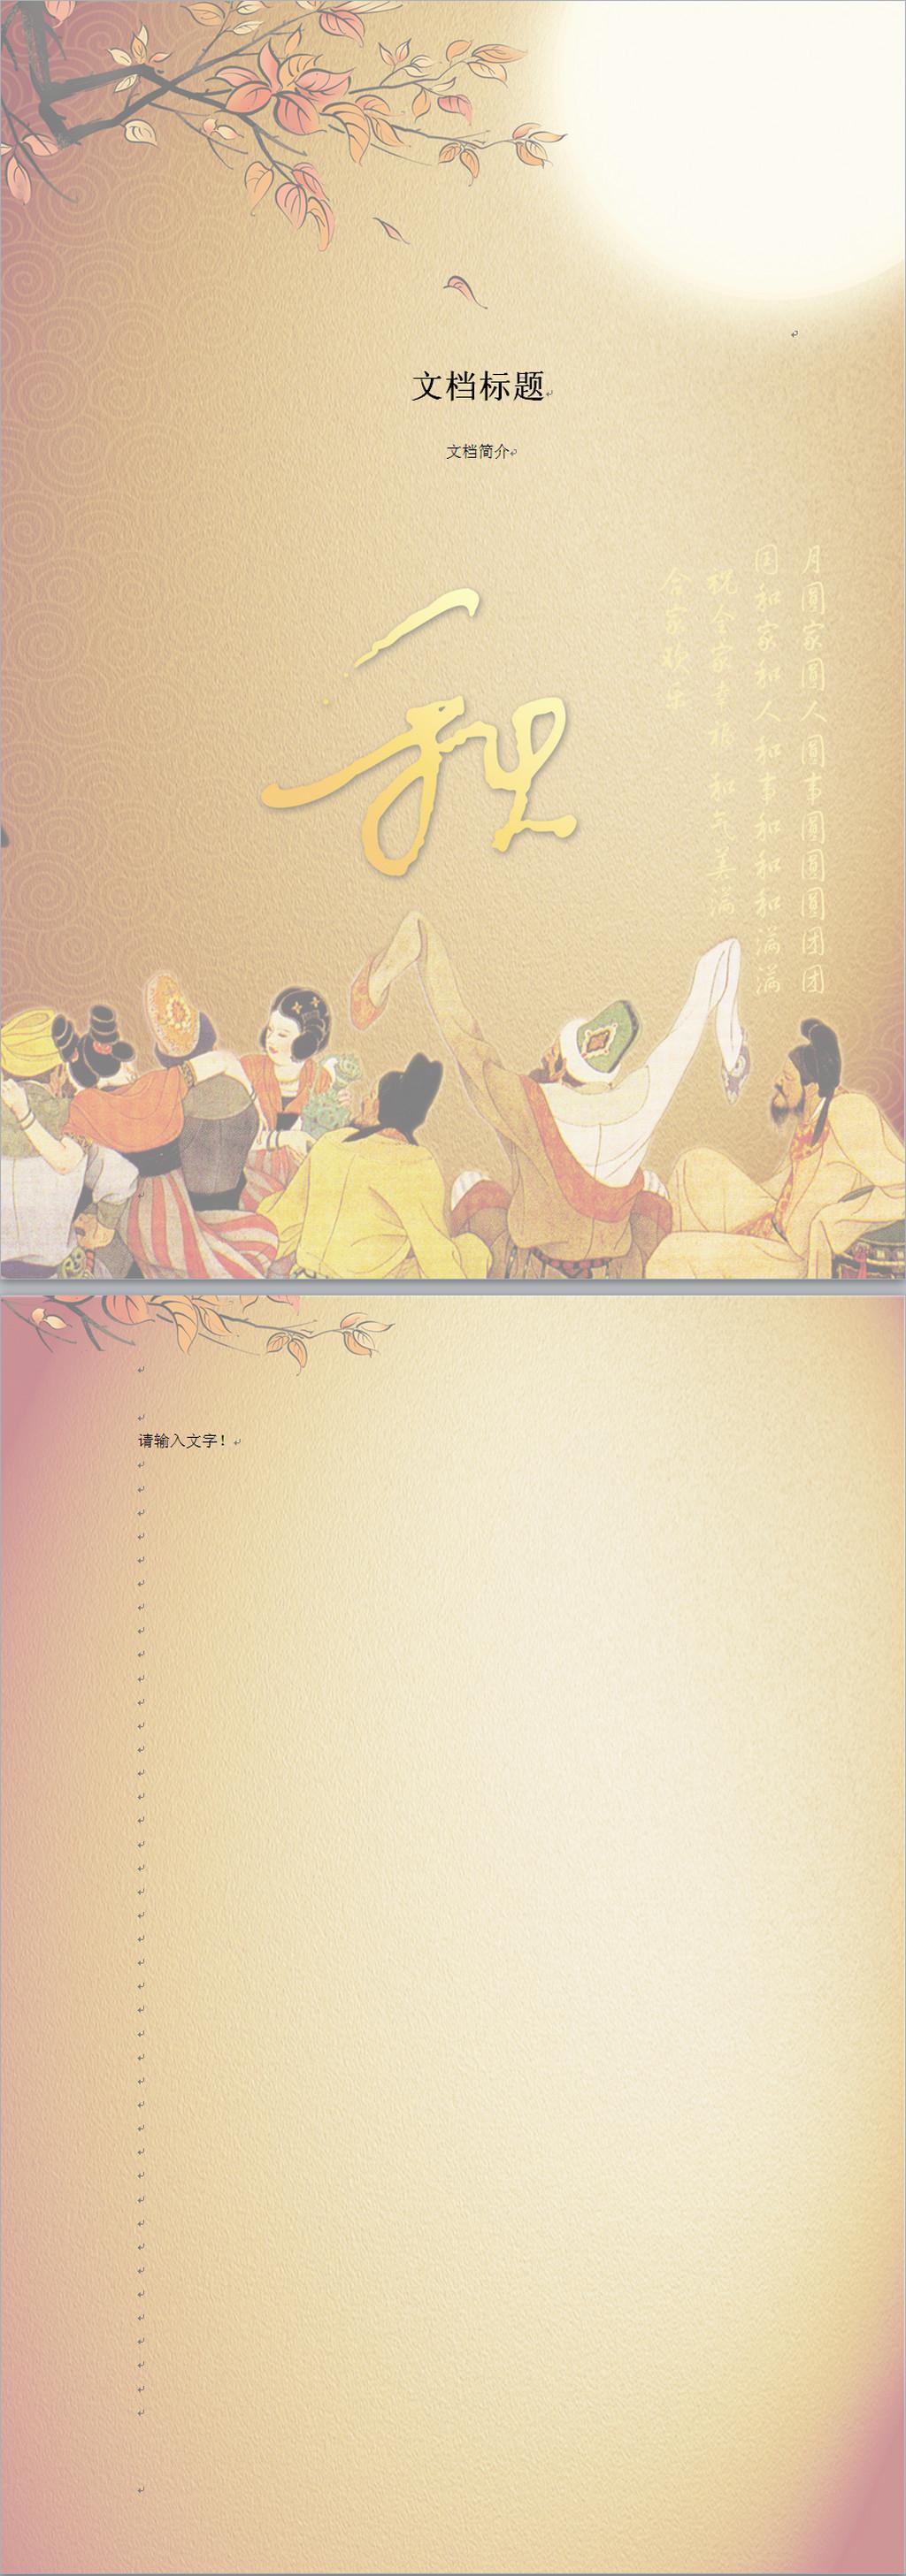 中秋全家团圆图封面word模板图片下载